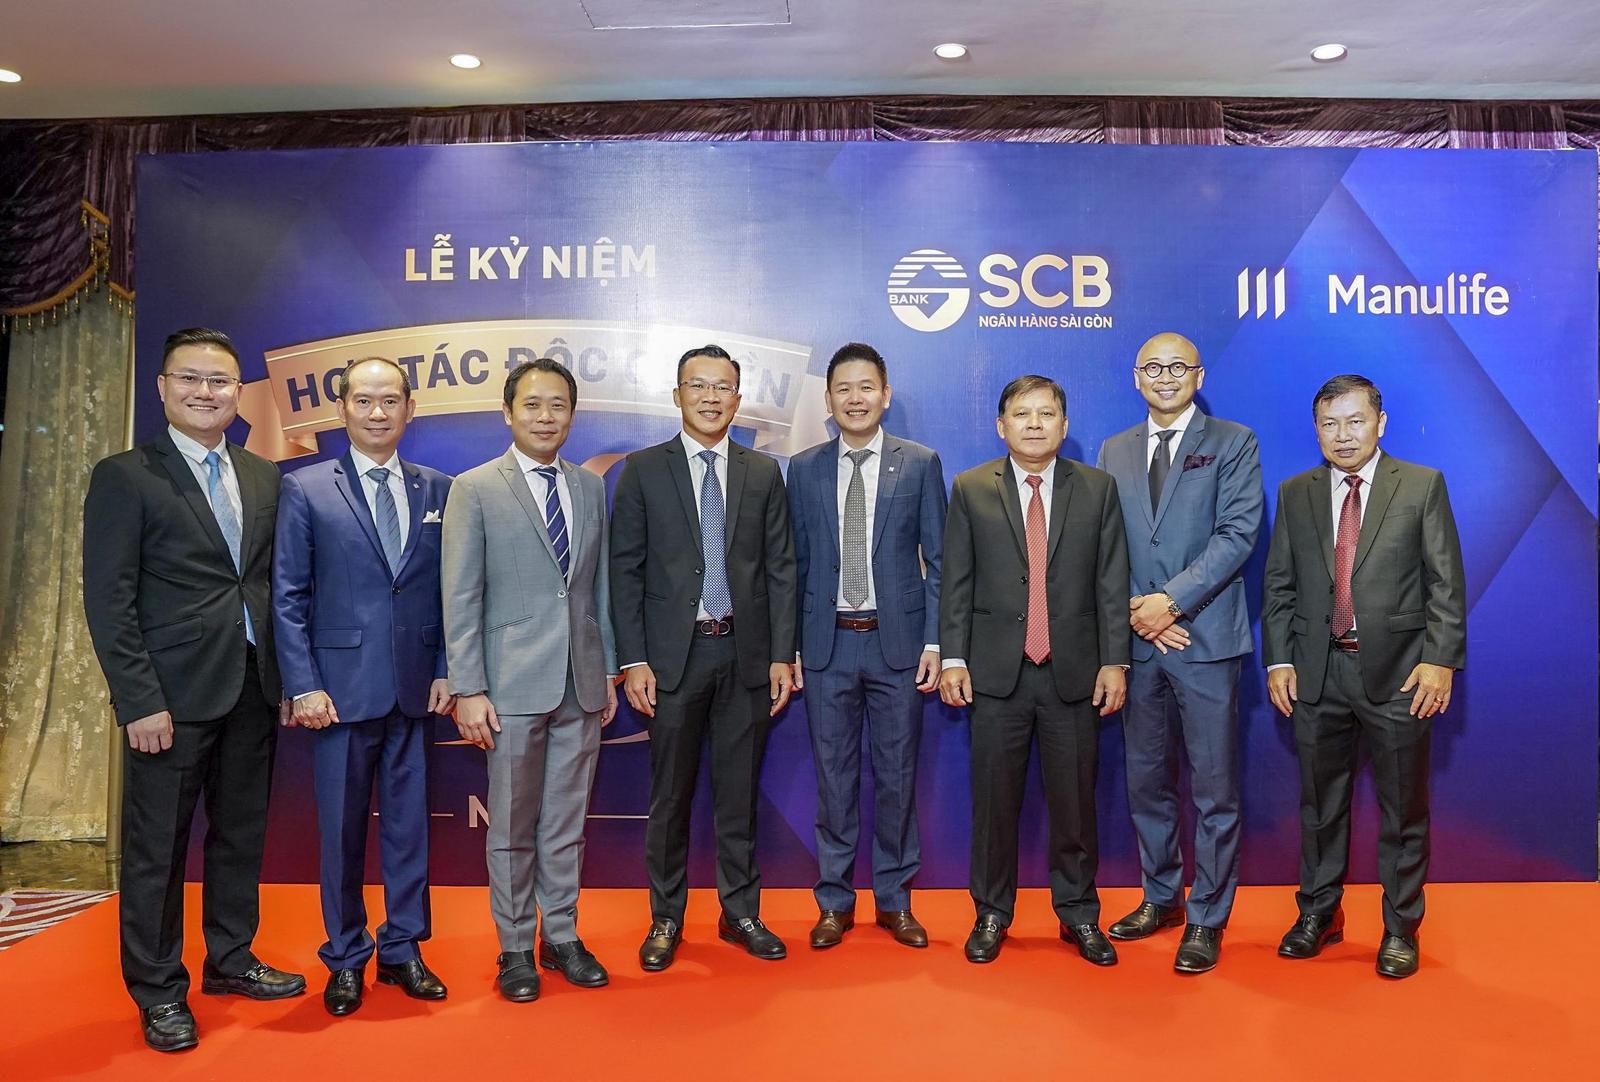 SCB và Manulife kỷ niệm 5 năm hợp tác độc quyền